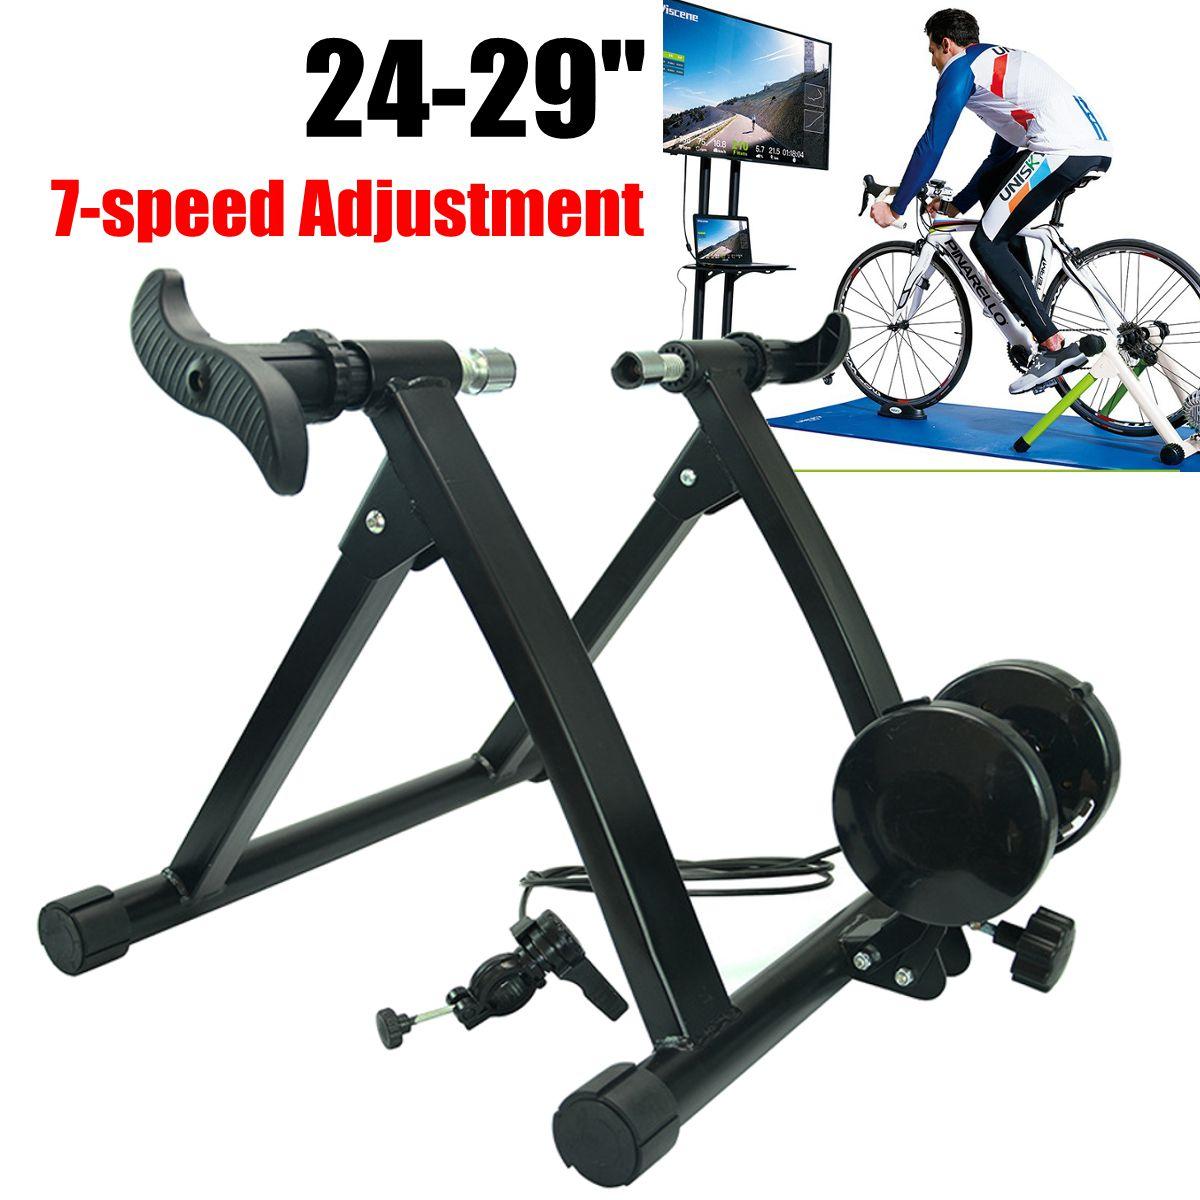 """Entrenador de bicicletas entrenamiento en casa ejercicio interior 24-29 """"7-speed ajustable bicicleta de carretera entrenador Fitness estación entrenador de ciclismo rodillo"""